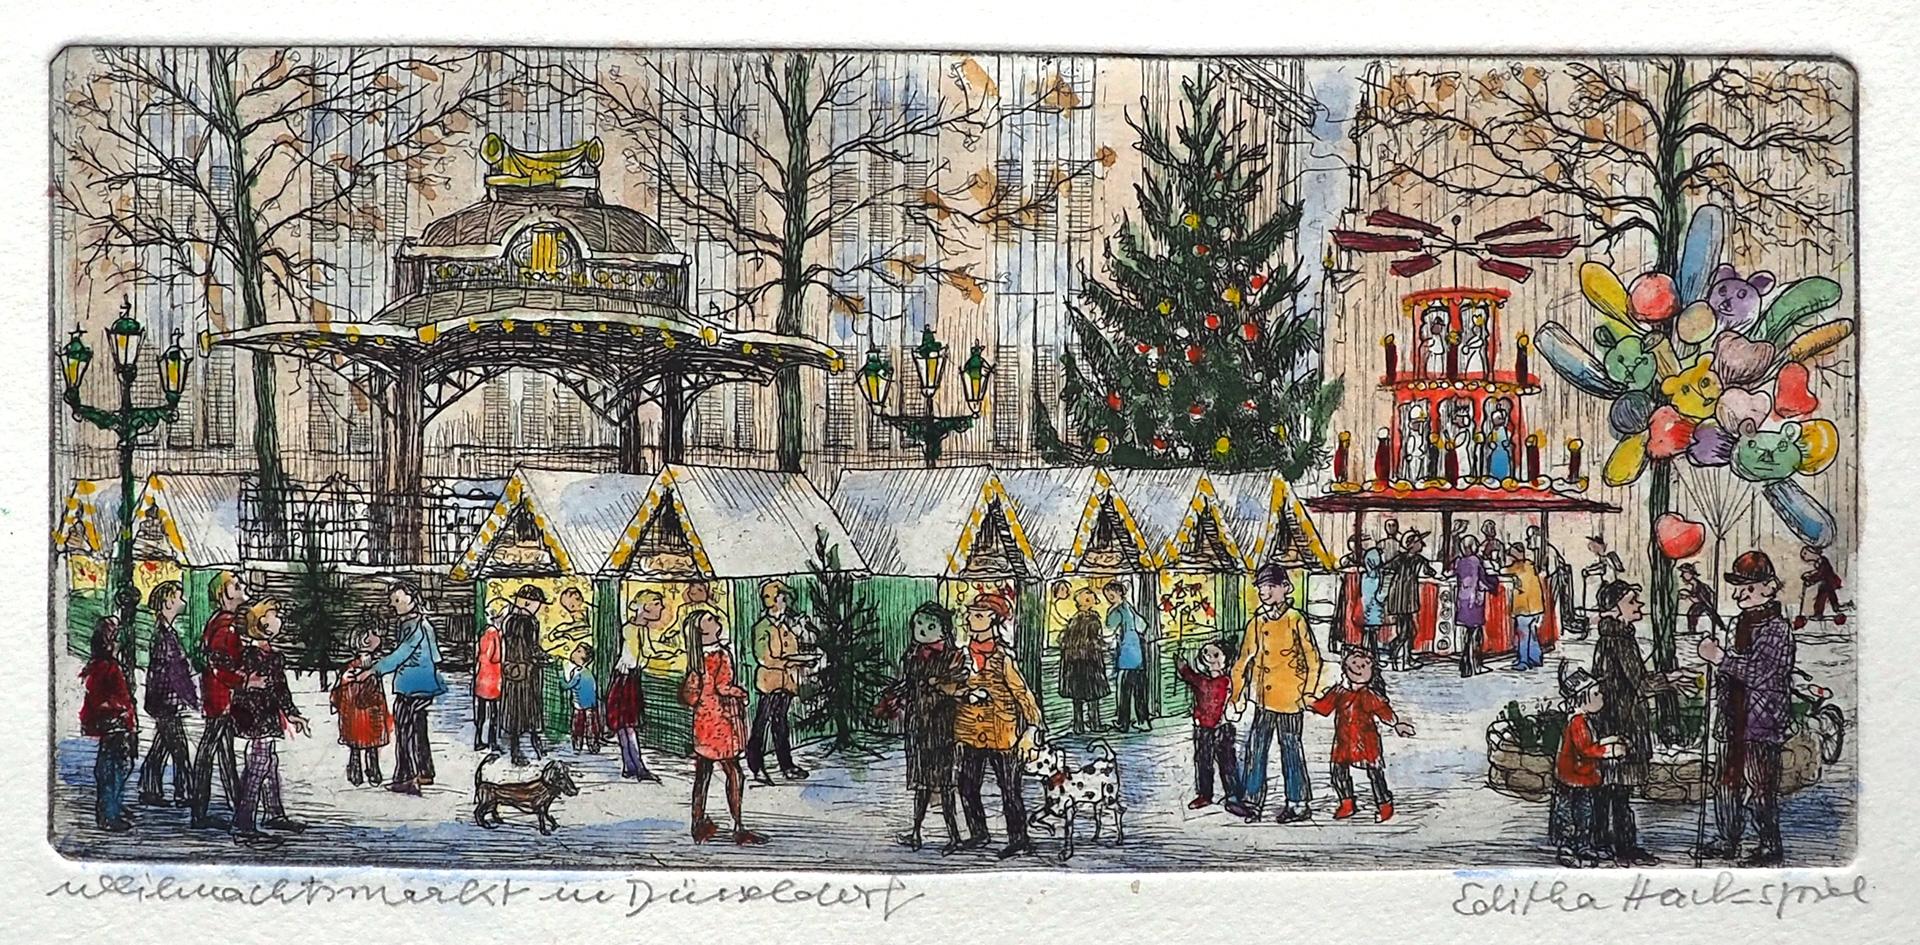 Editha Hackspiel: Weihnachtsmarkt in Düsseldorf